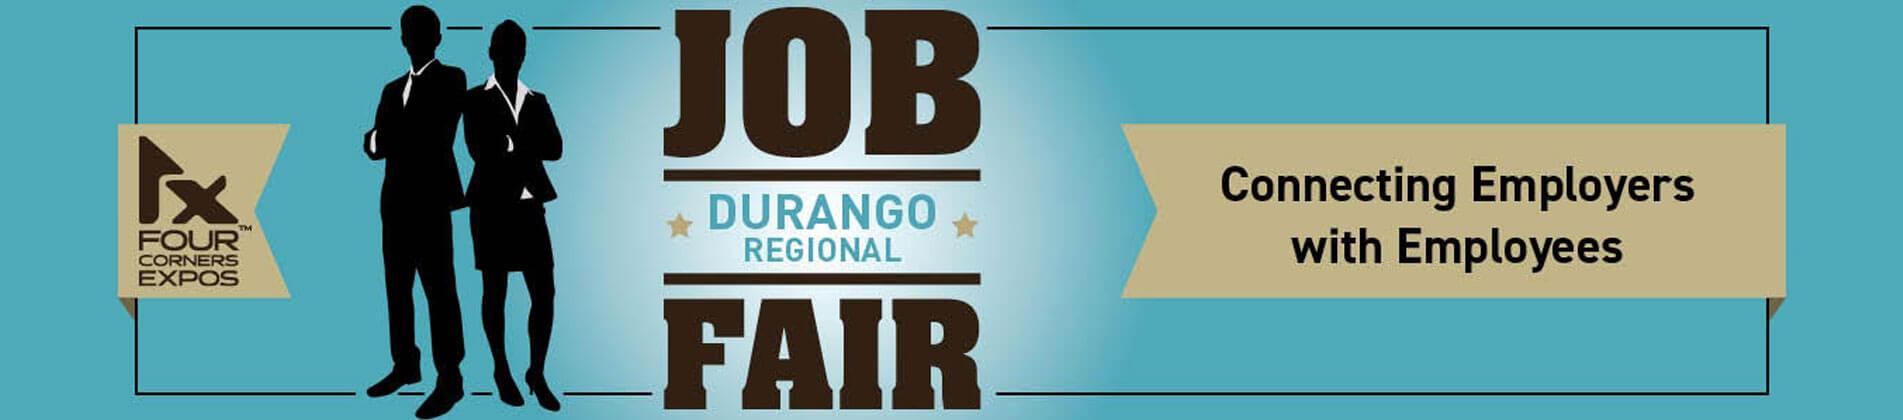 Durango Job Fair